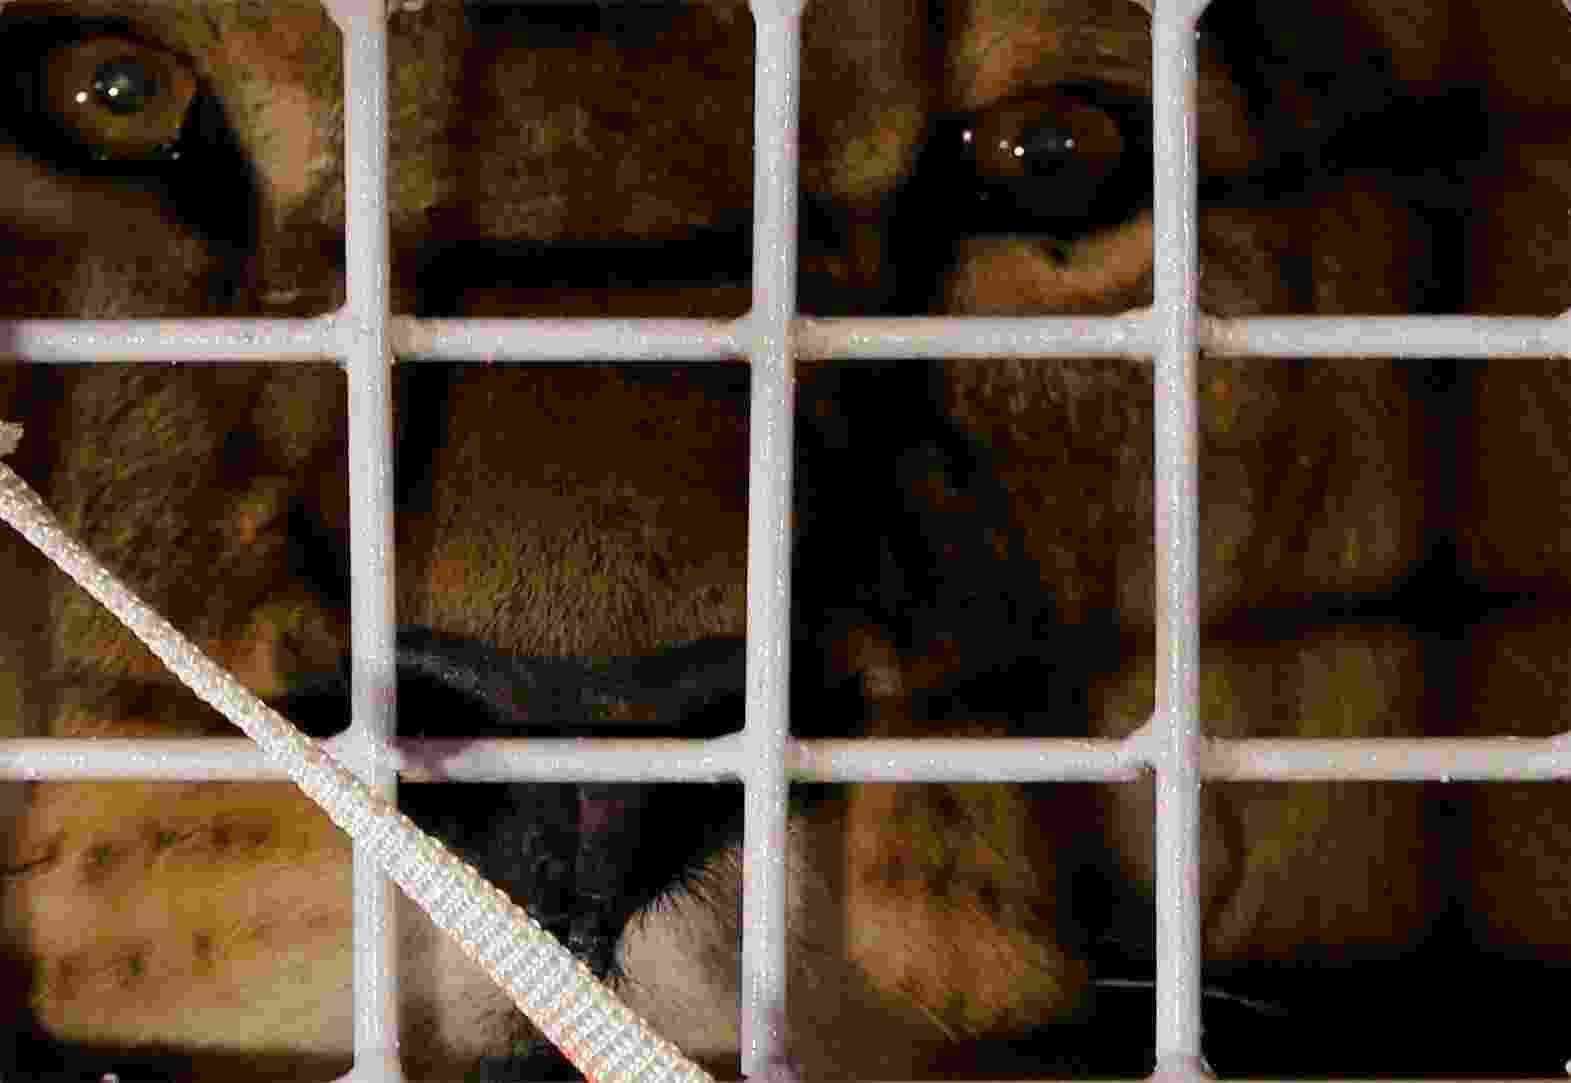 30.abr.2016 - Um dos 33 leões de circo que foram resgatados no Peru e na Colômbia e serão levados para um santuário de grandes felinos na África do Sul observa por entre as grades de sua jaula ao chegar em Joanesburgo, no país africano, última escala antes do destino final - Siphiwe Sebeko/Reuters